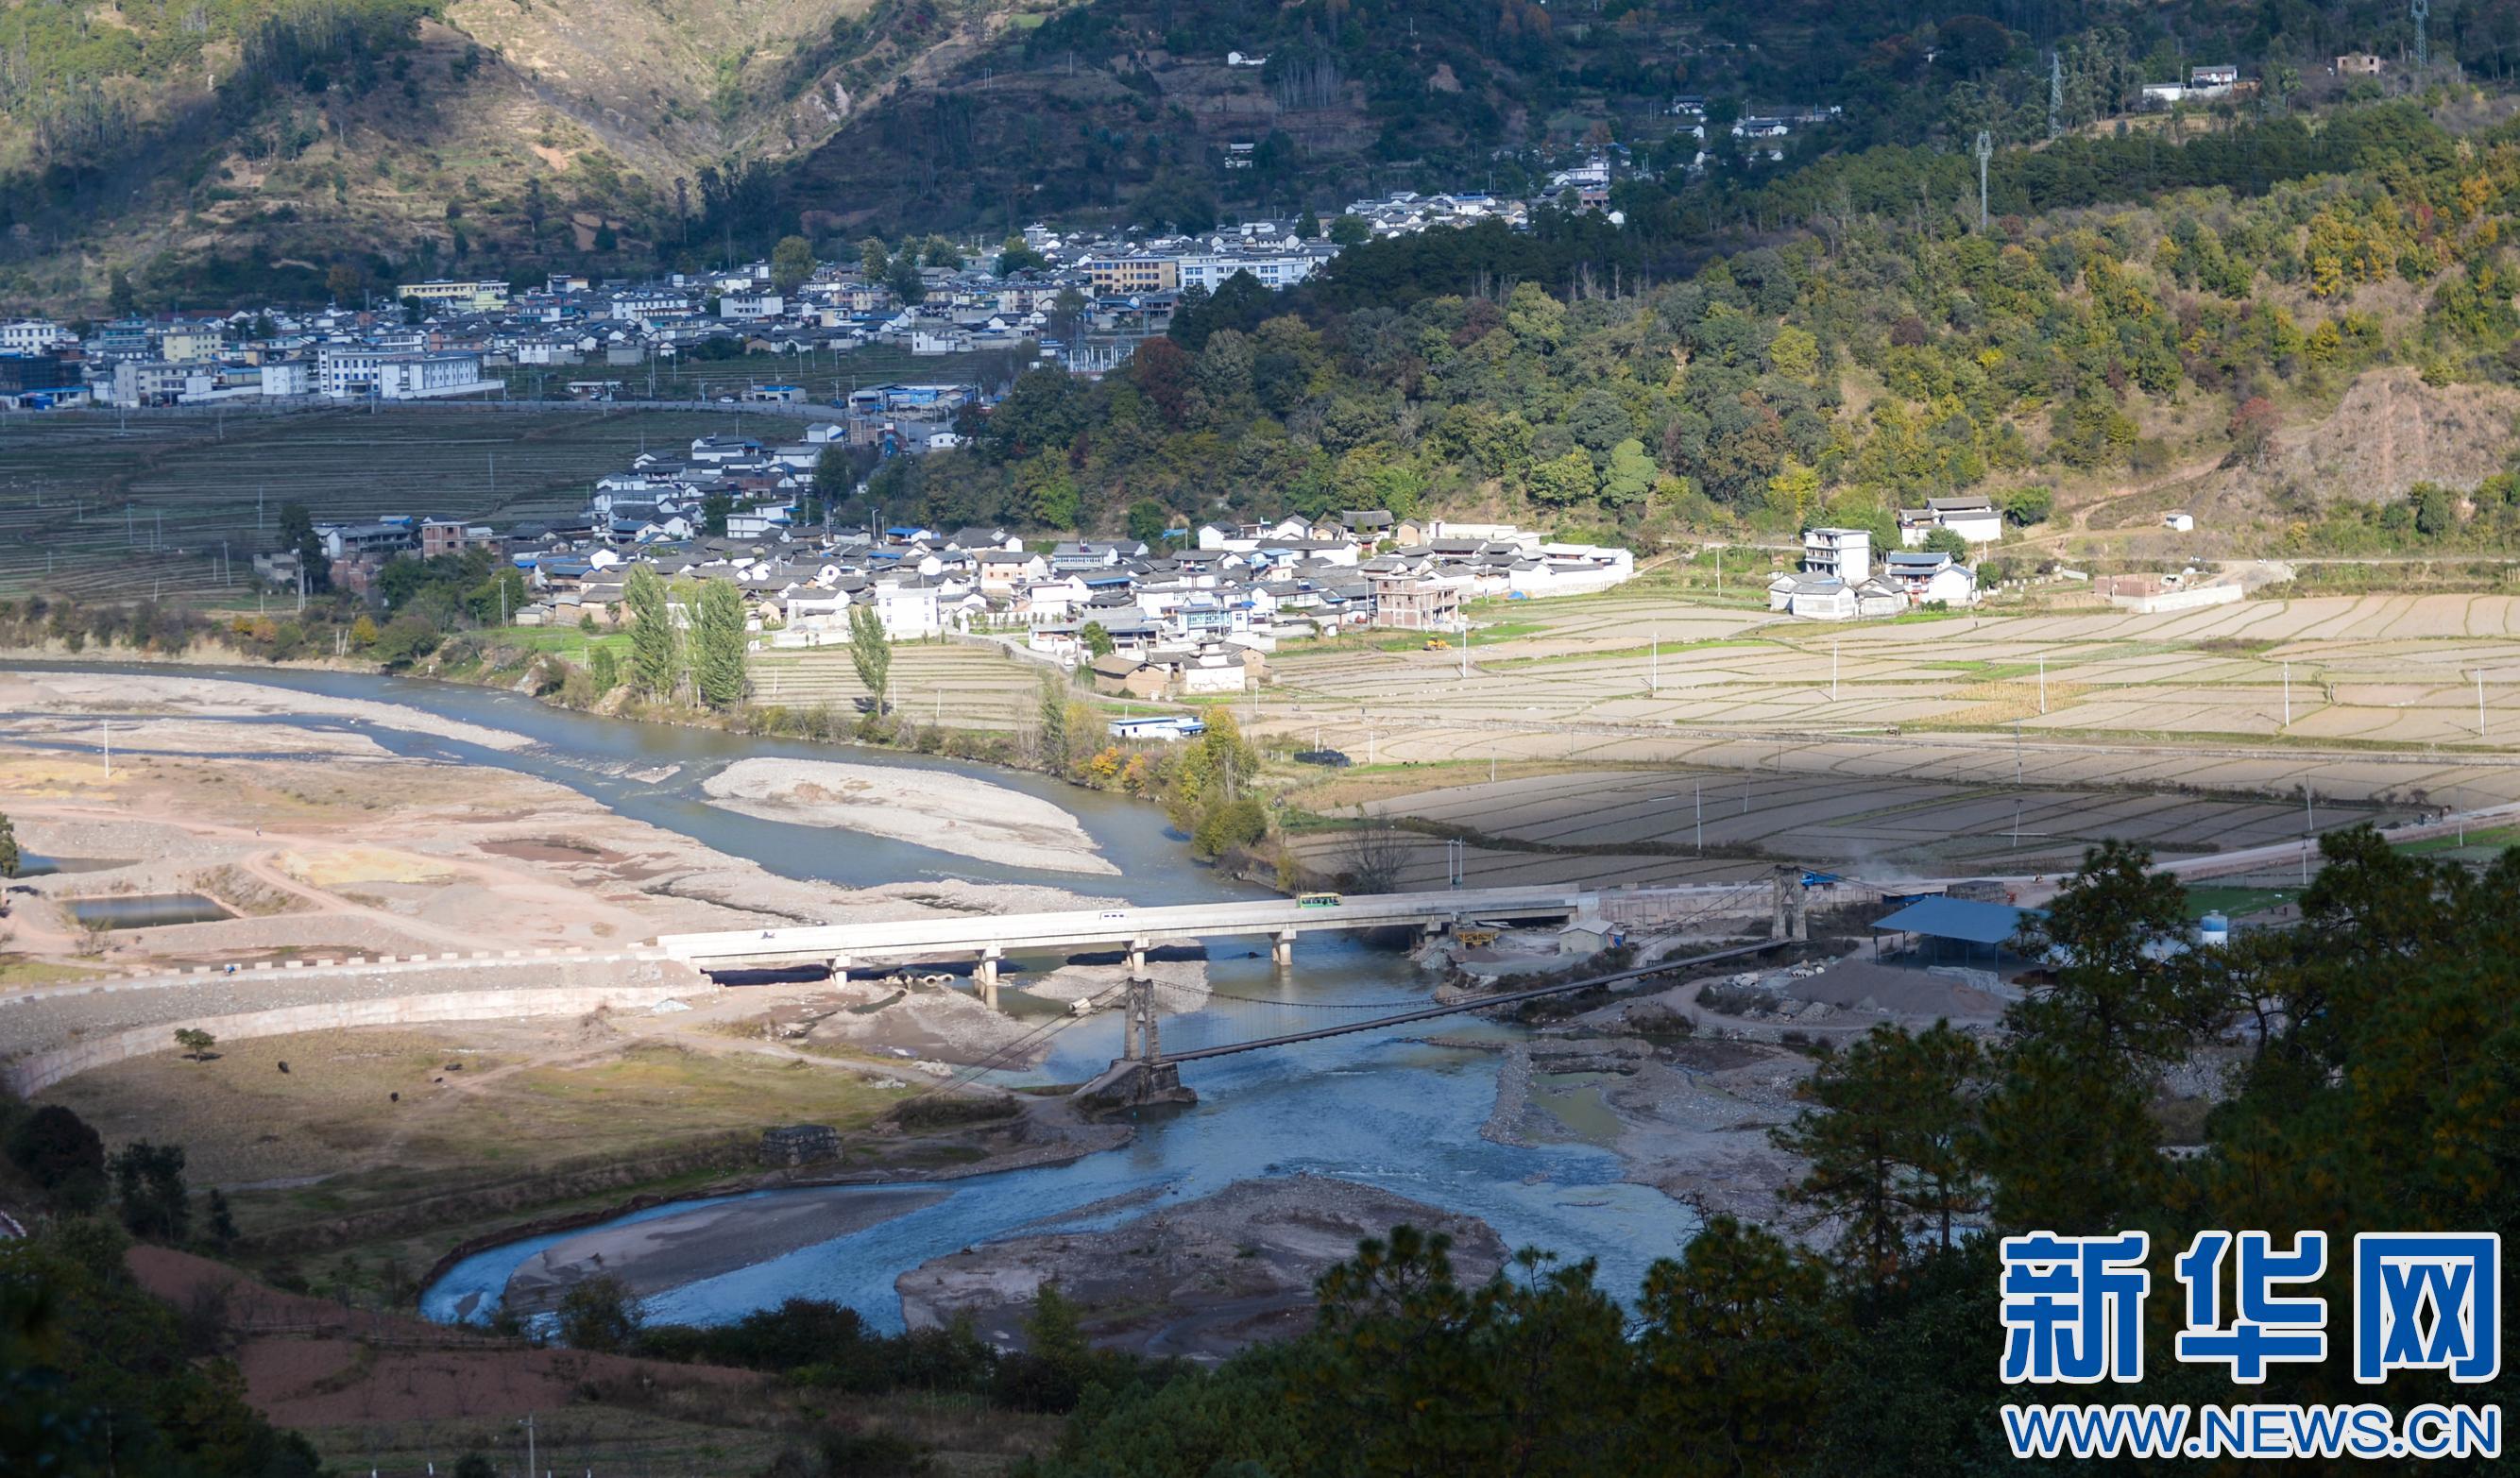 云南洱源:基础设施助脱贫